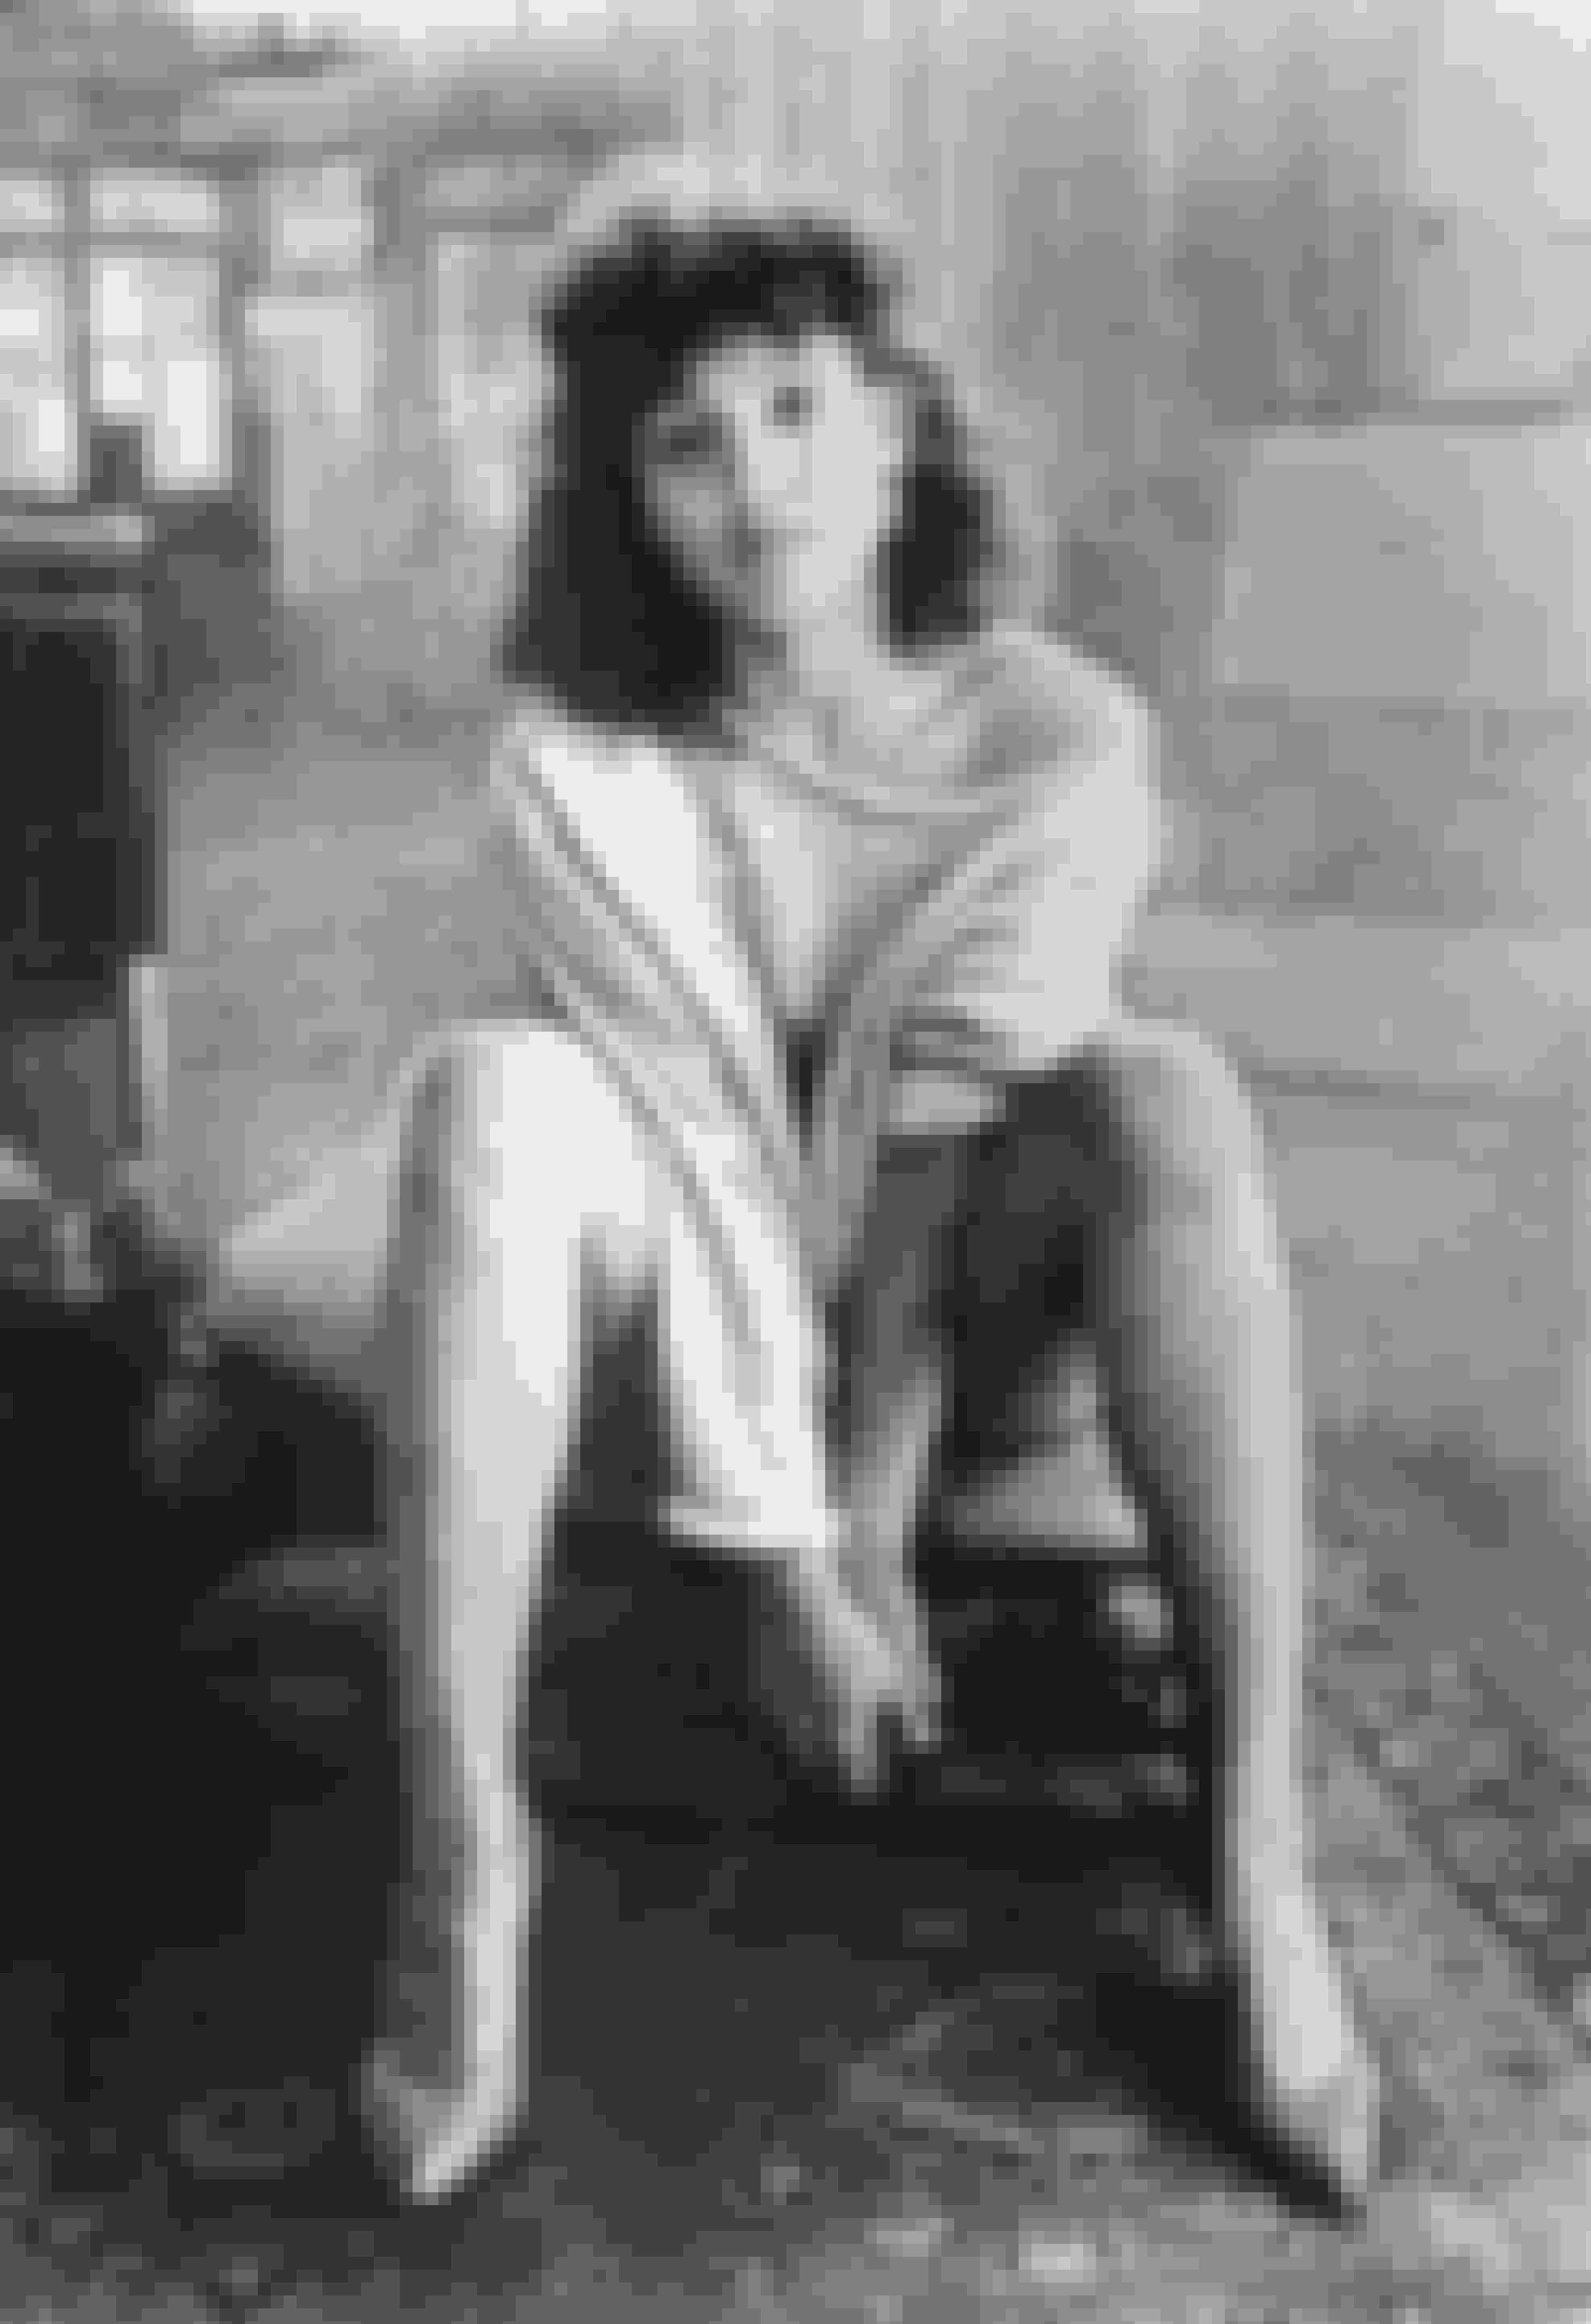 Flashdance (1983)Jennifer Beals spiller Alex Owens i denne klassiske dansefilm, om en ung kvinde som arbejder som svejser i dagtimerne, og eksotisk danser når natten falder på, i håbet om at blive professionel danser. Det var også denne film som gjorde off-shoulder sweatshirten moderne.